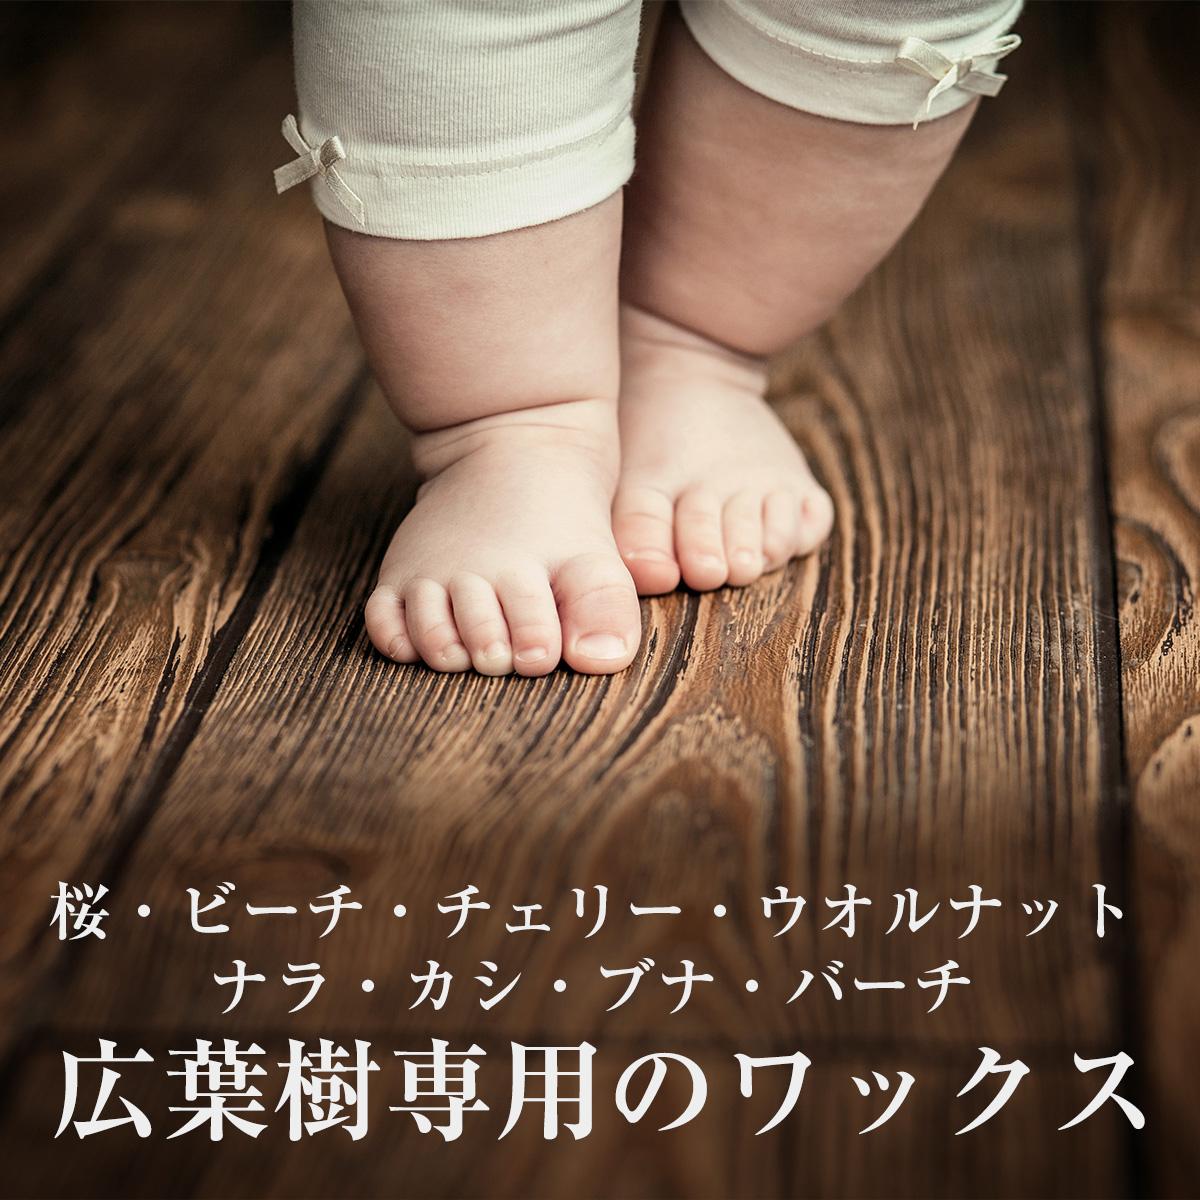 広葉樹専用のワックス(桜・ビーチ・チェリー・ウォルナット・ナラ・カシ・ブナ・バーチ)